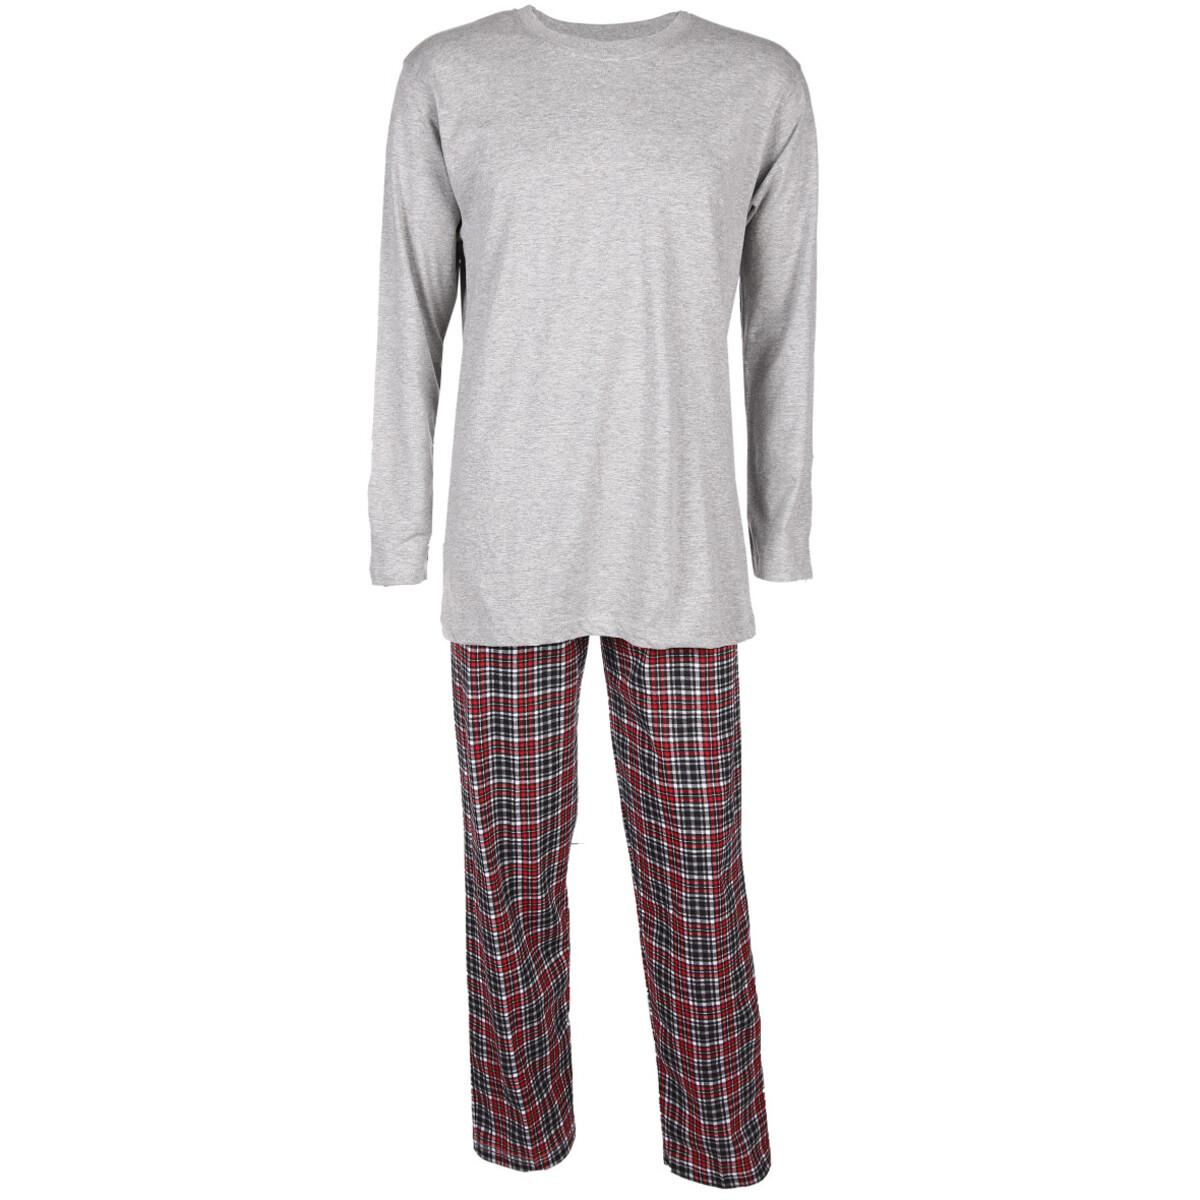 Bild 1 von Herren Pyjama mit langer Flanellhose